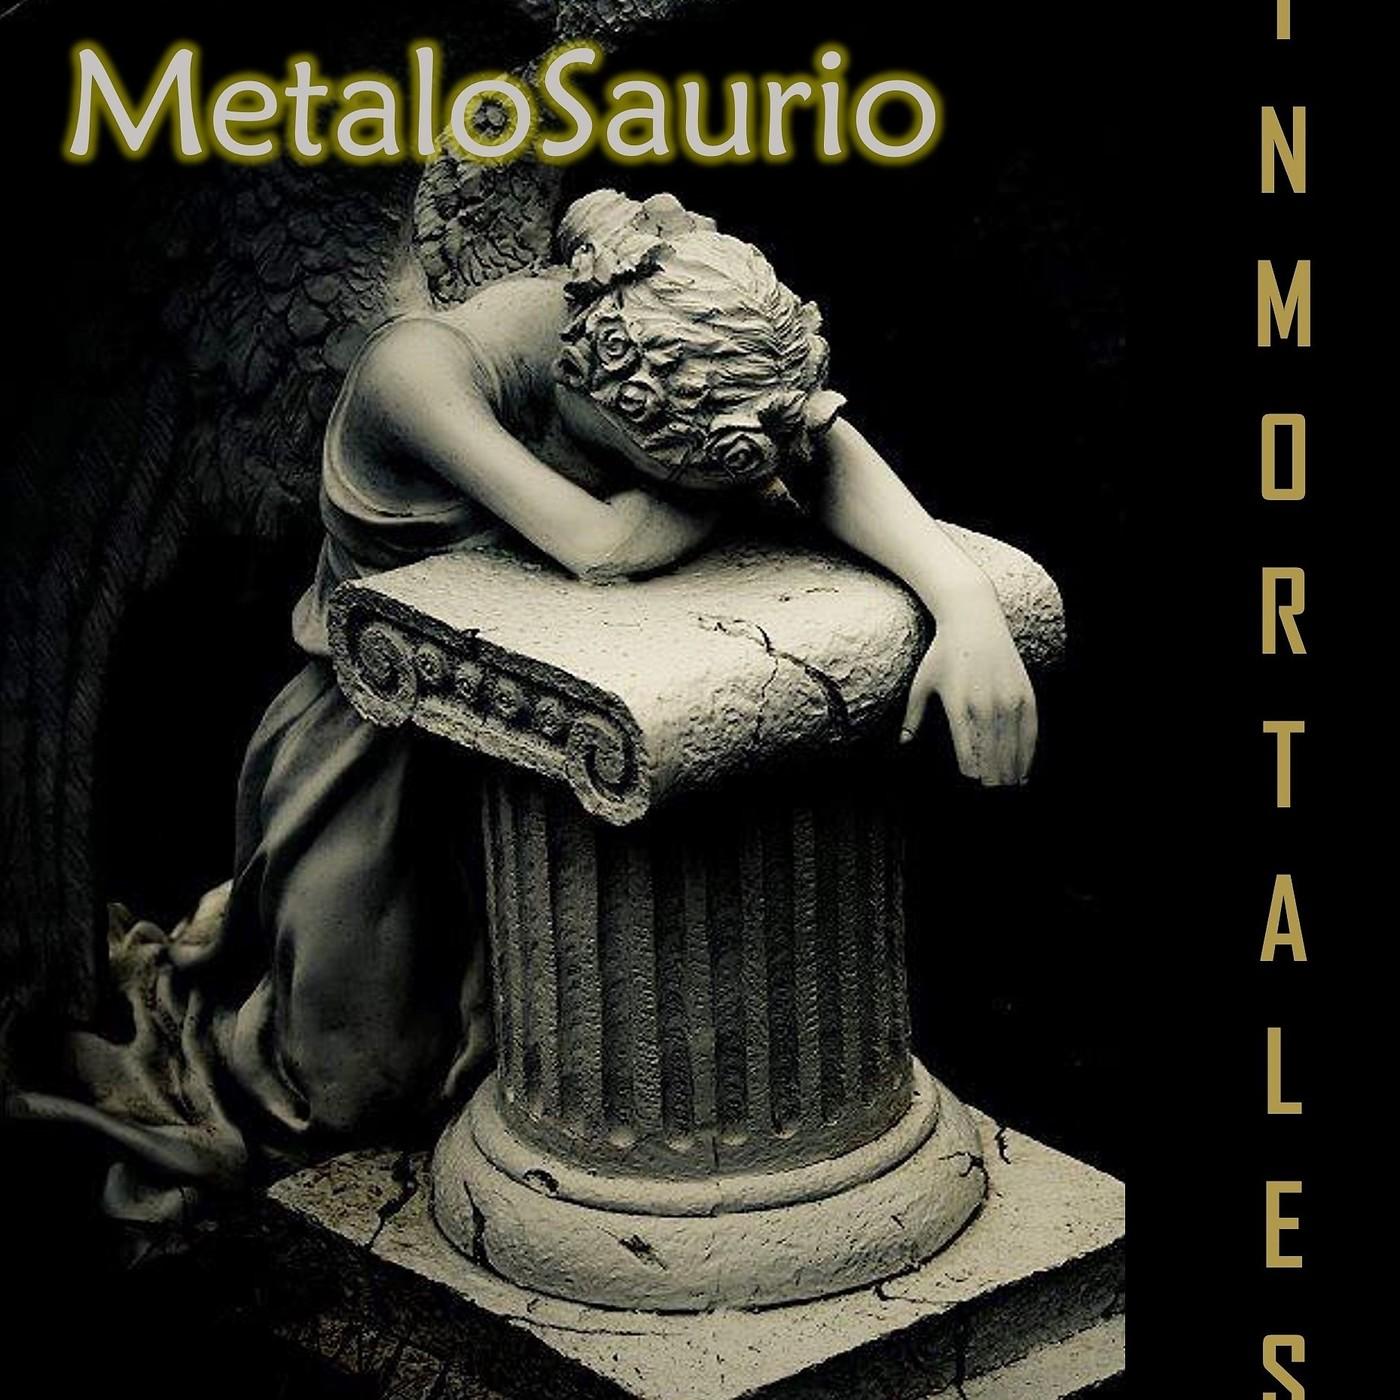 La Era del MetaloSaurio (Edicion 267) - Inmortales Vol 3